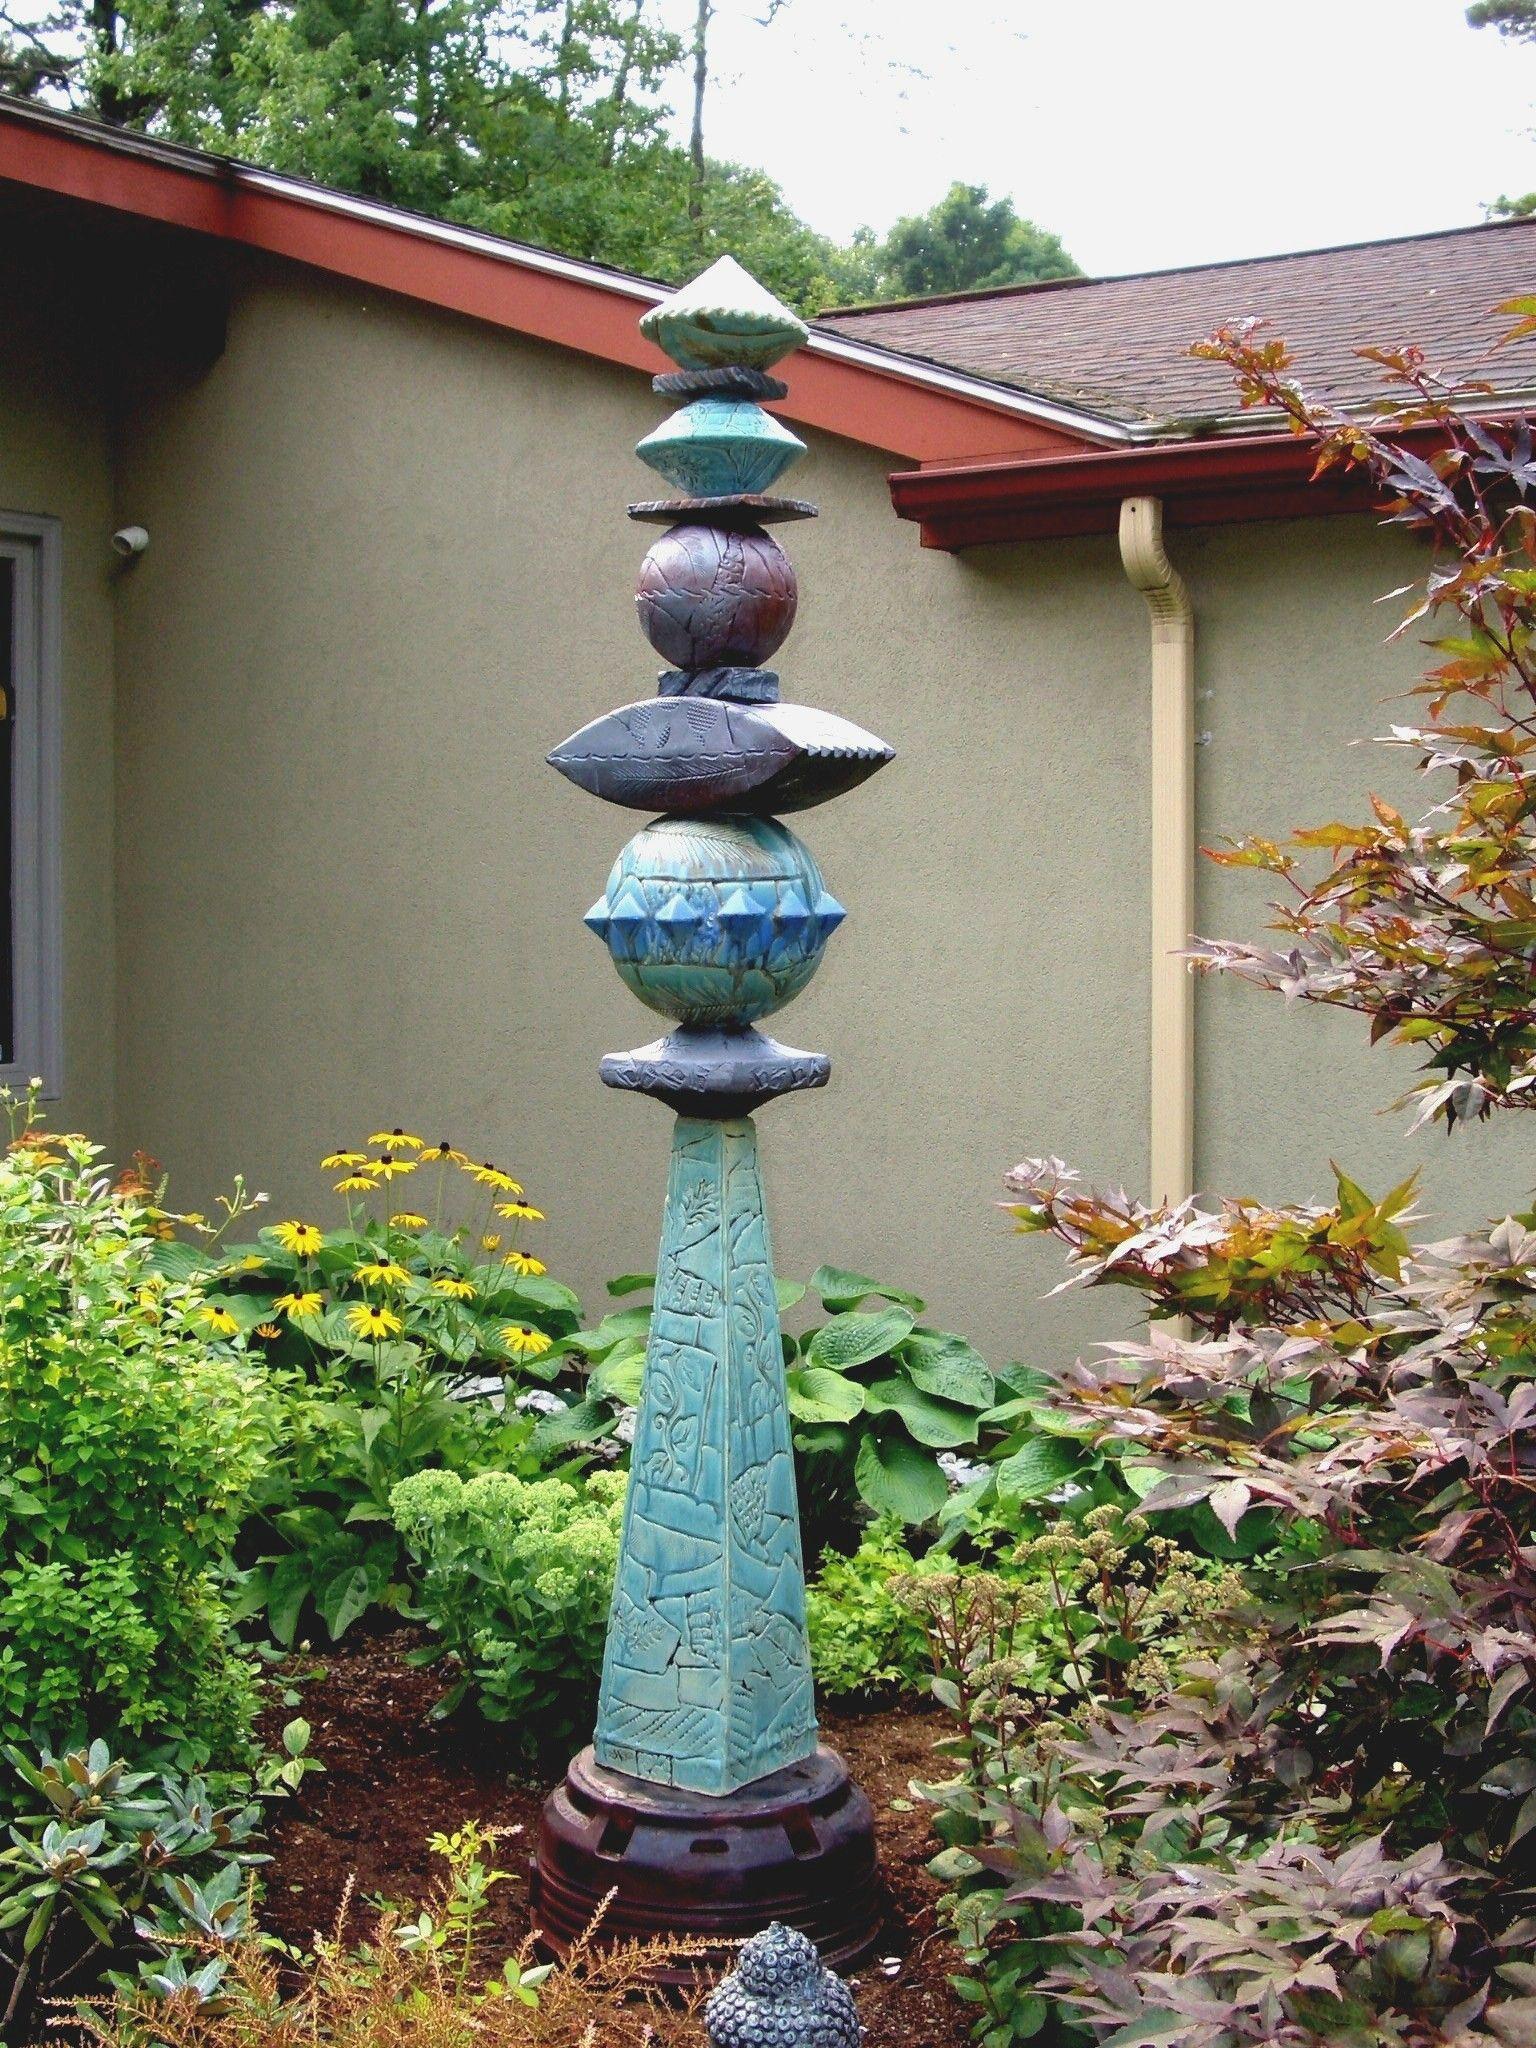 Arts Business Institute Artist Profile Stephen Fabrico Totem Pole Art Garden Pottery Ceramic Sculpture Figurative